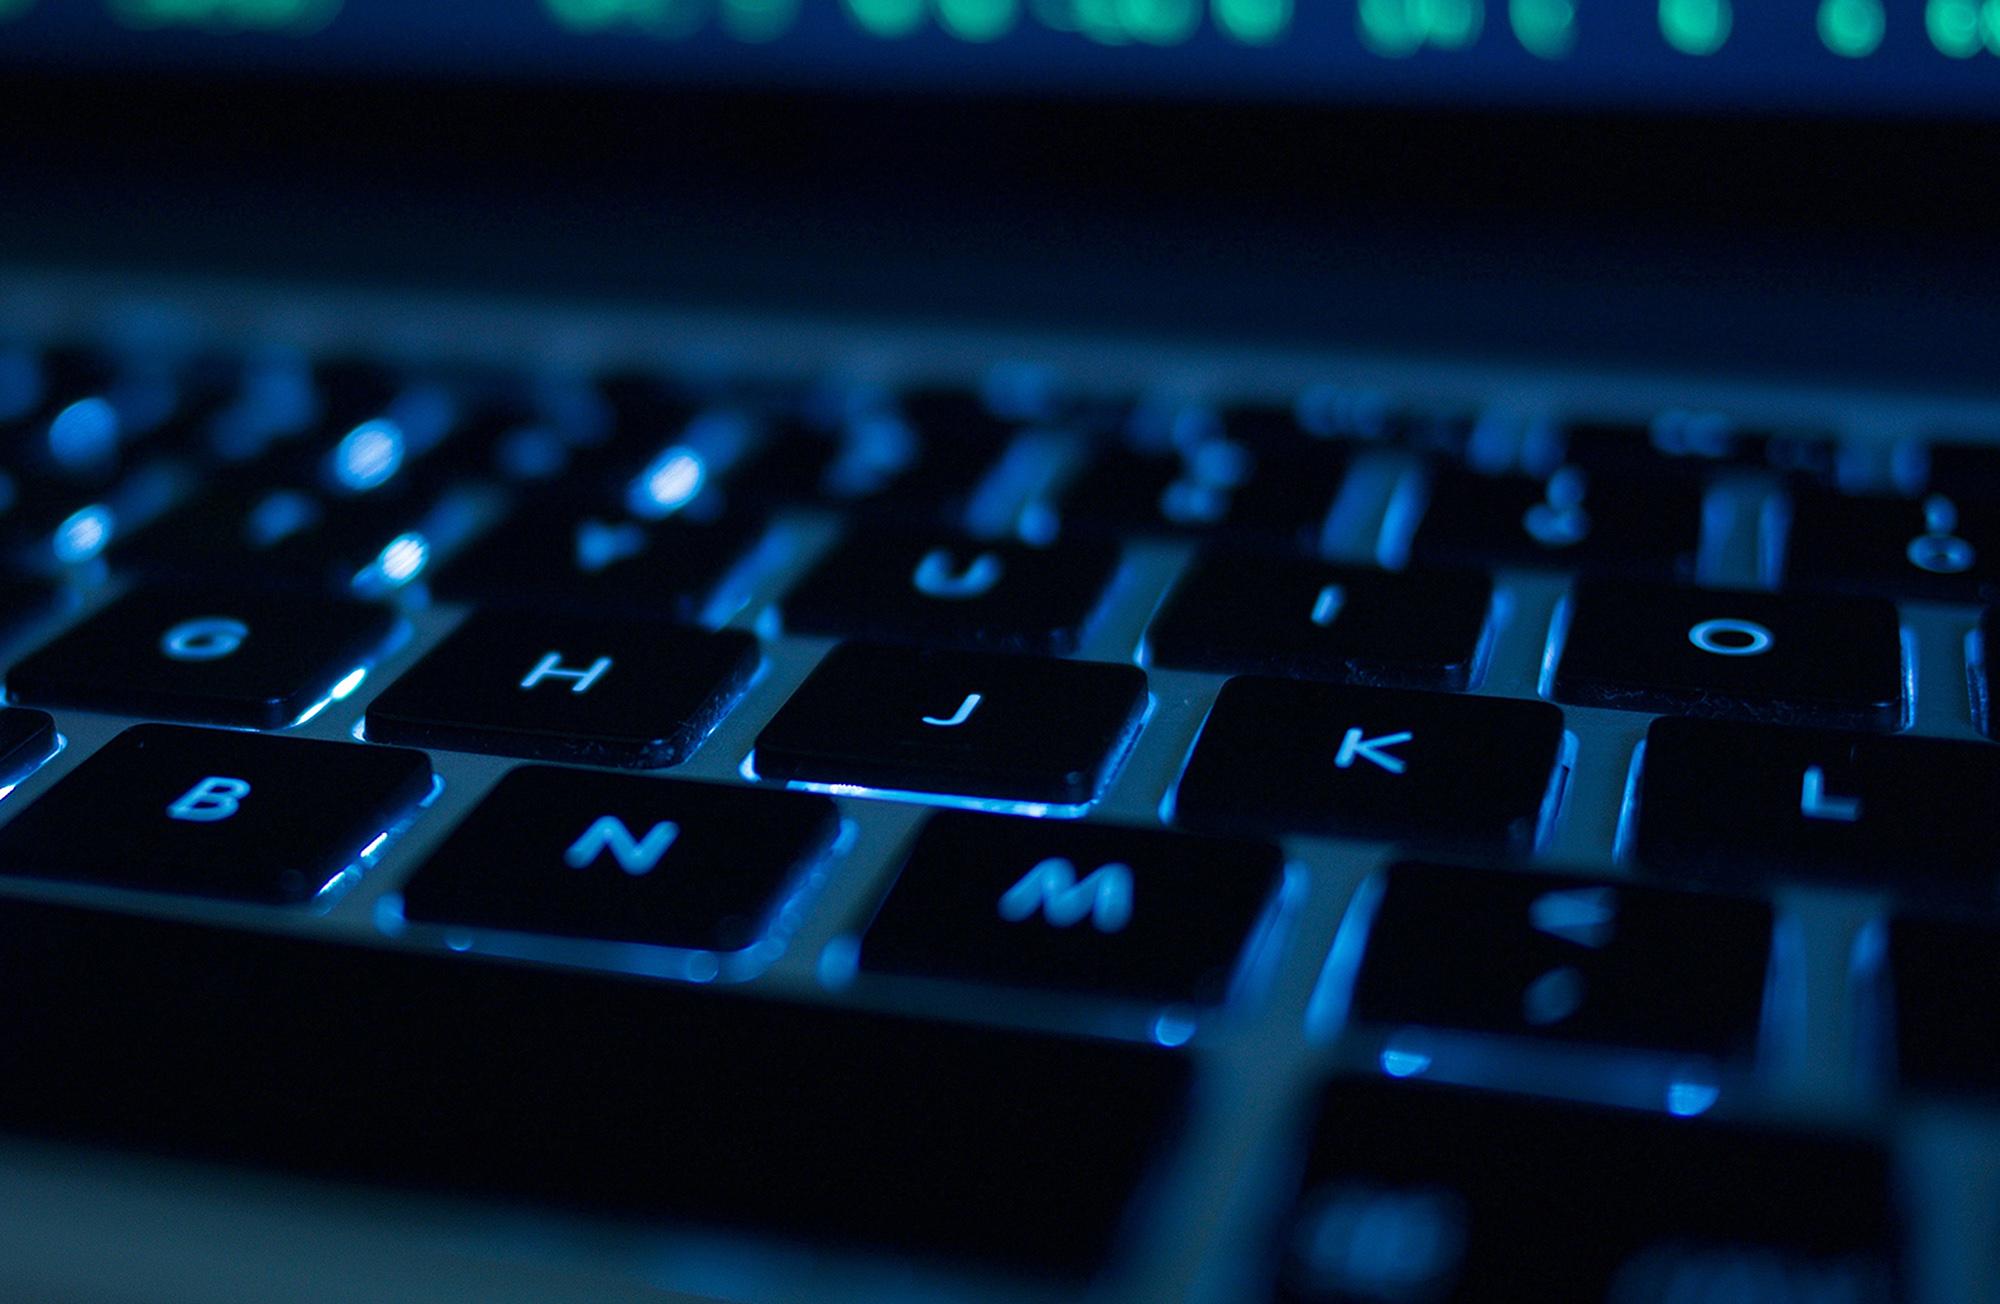 RF Keyboard computer